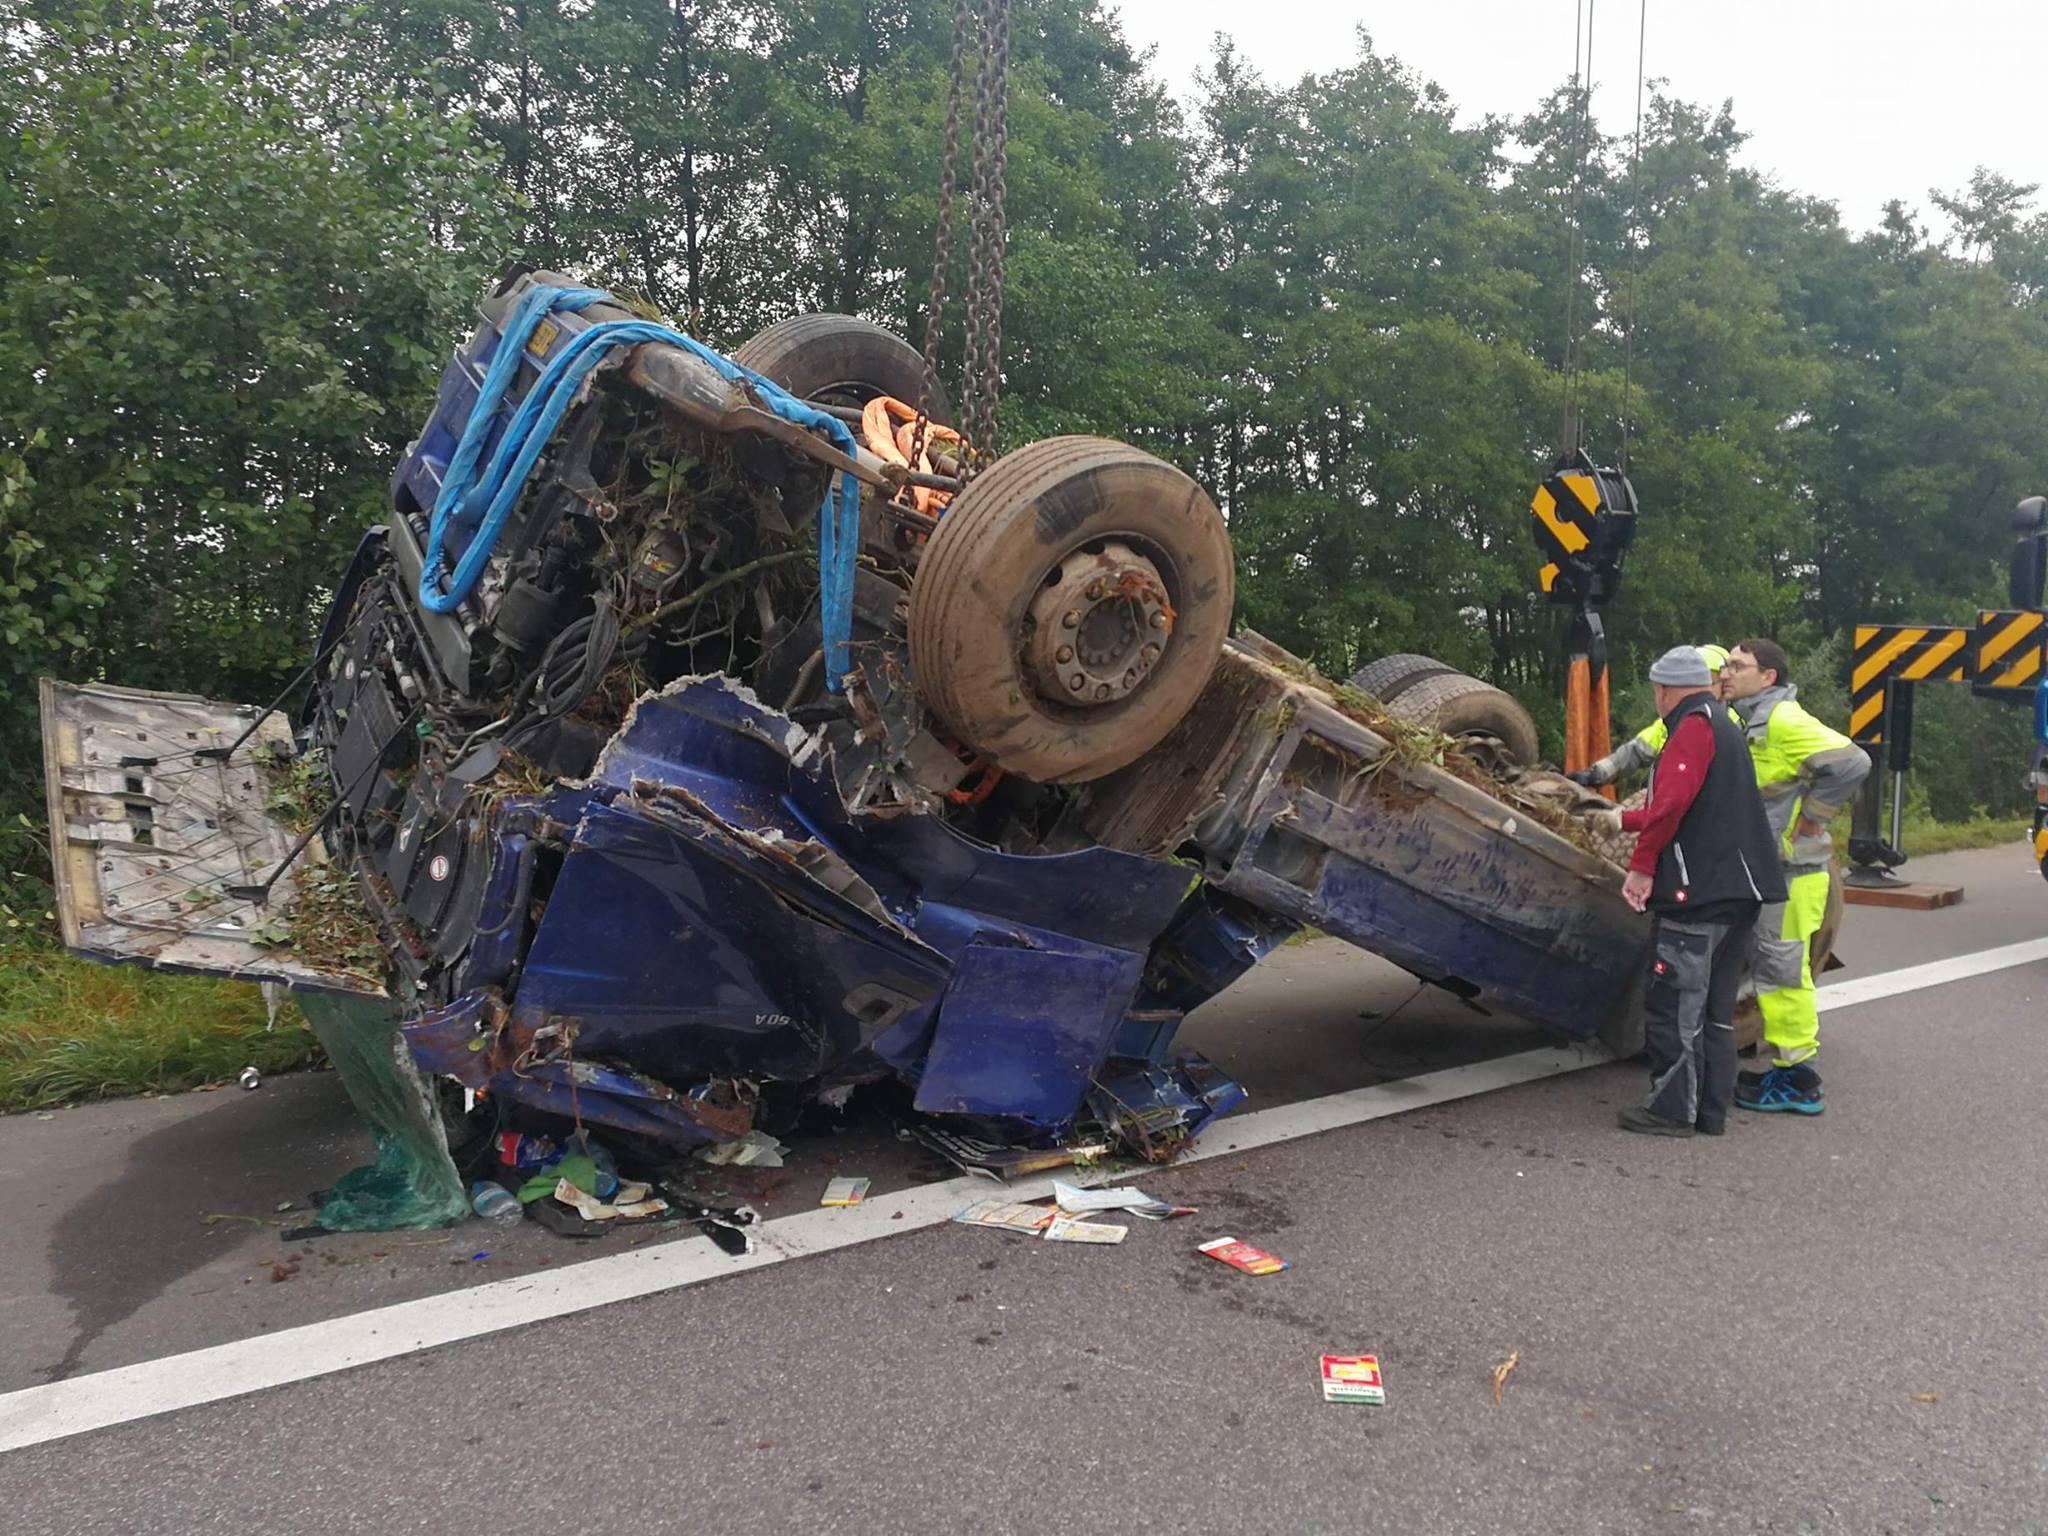 Lkw Unfall A8 Heute